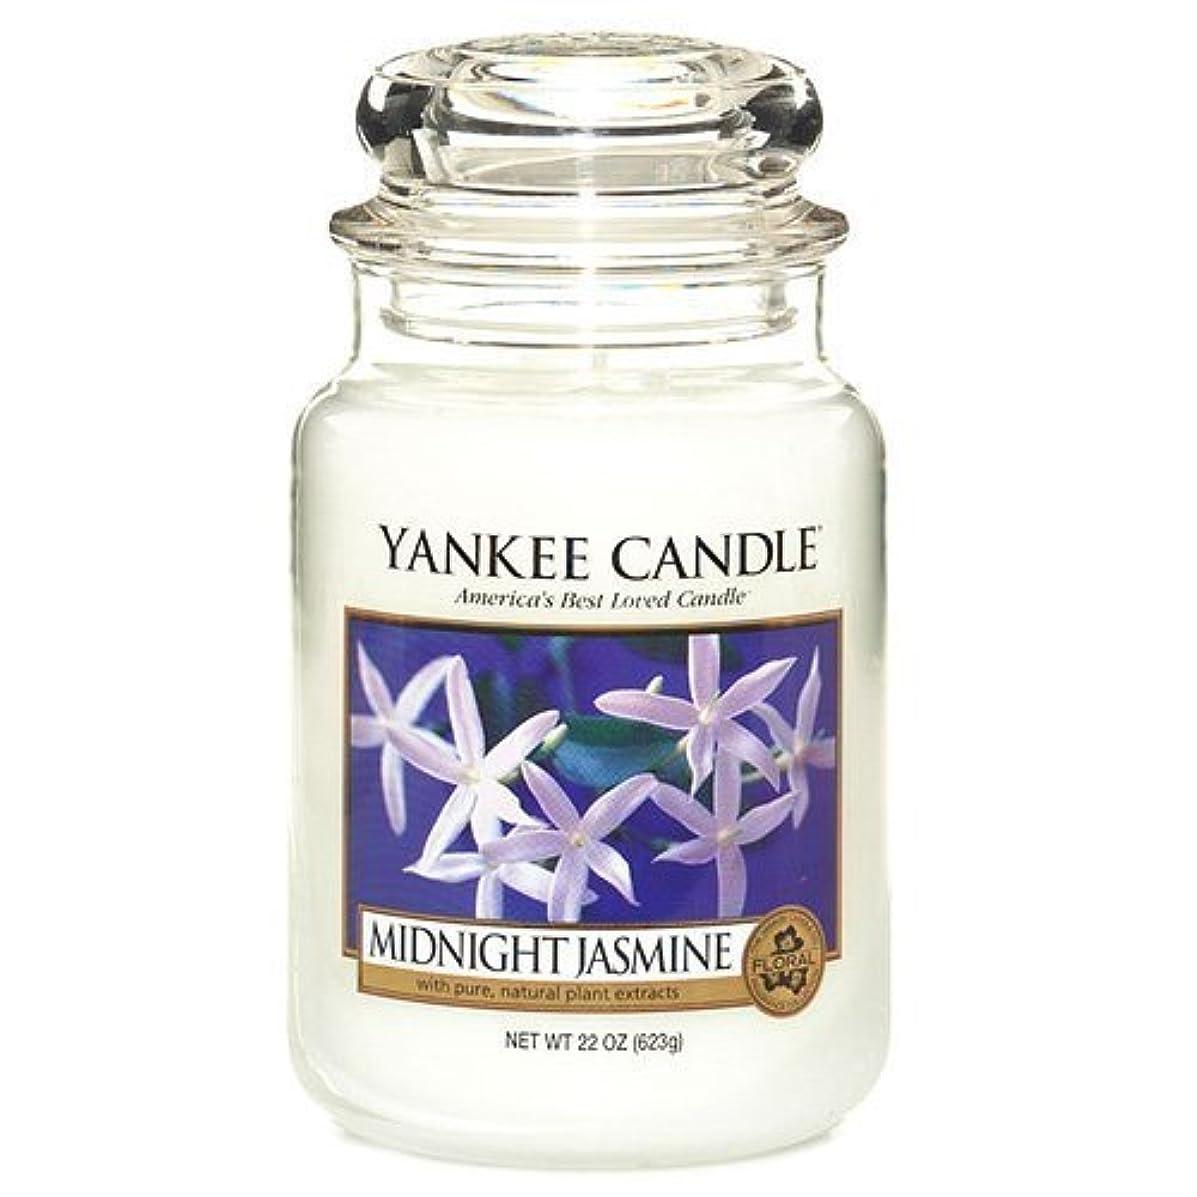 サロンアナウンサー買うYankee Candle Housewarmer Jar (Midnight Jasmine) - Large (22 oz) by Yankee Candle [並行輸入品]